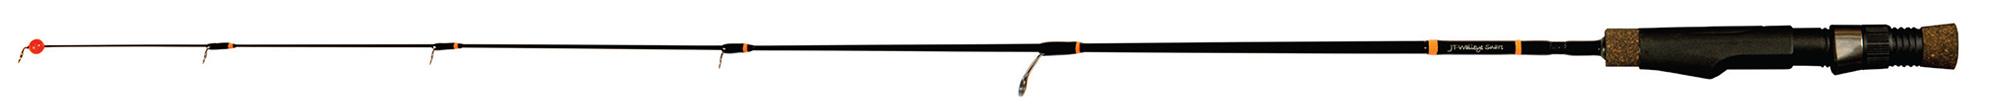 jt-walleye-snare-36-plastic